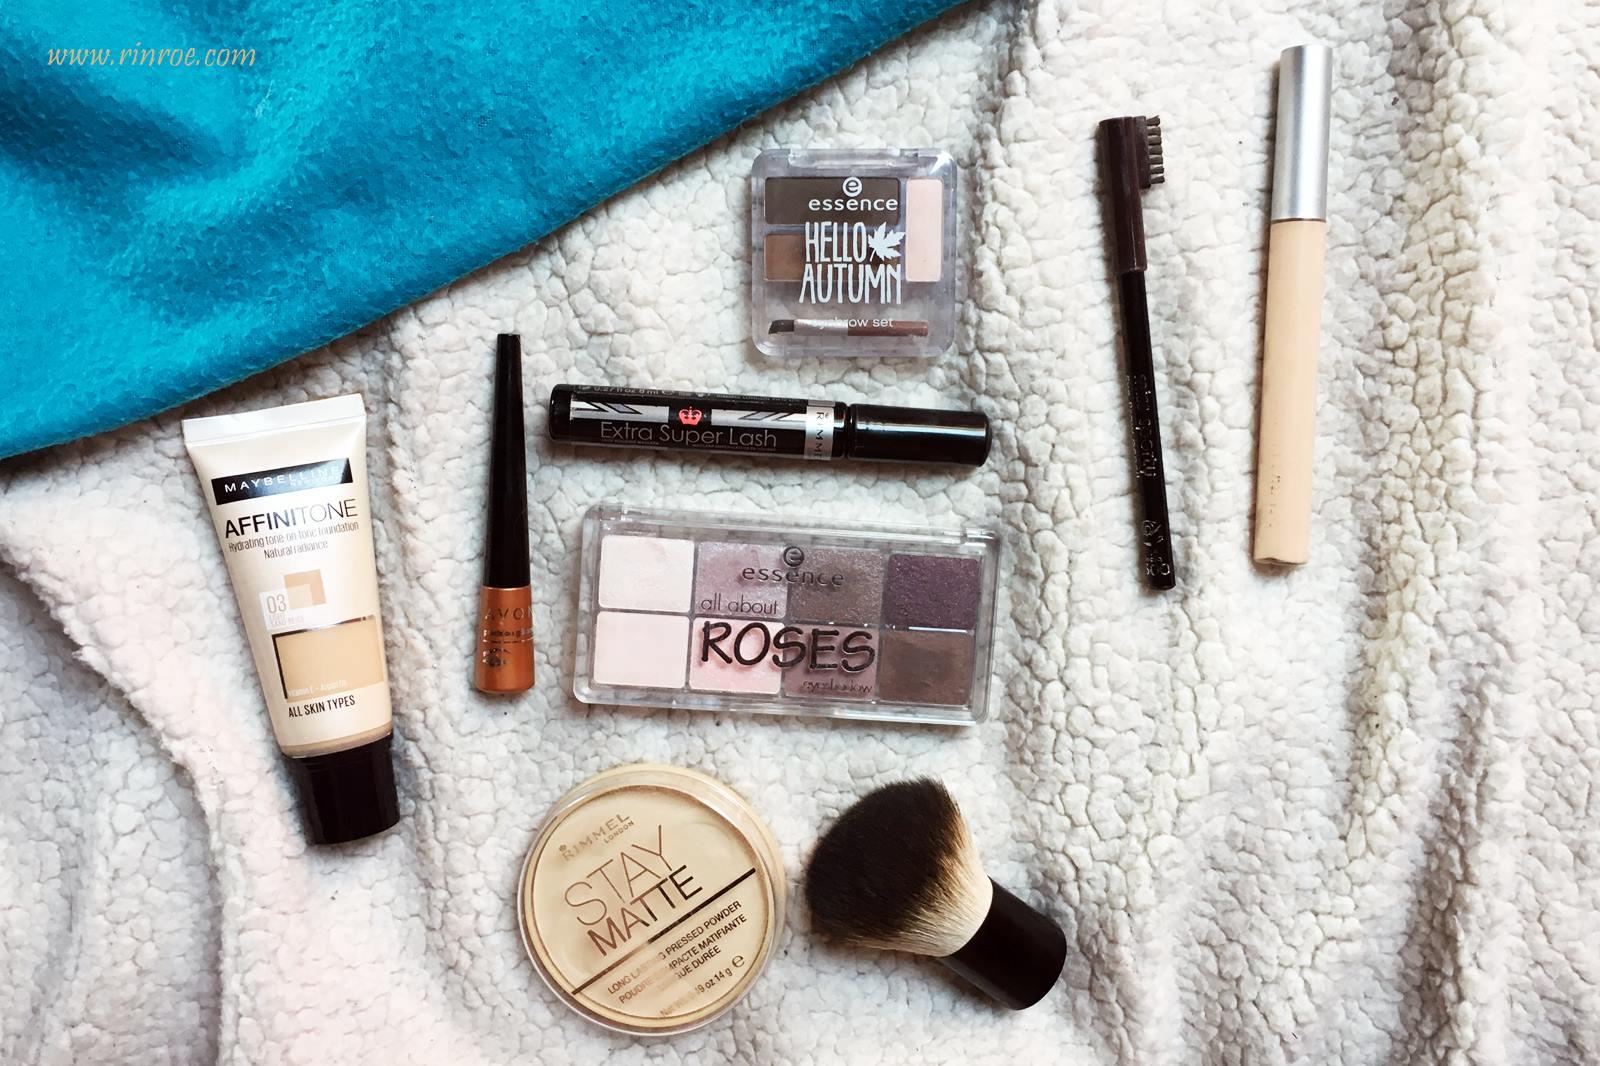 Makijaż na każdą kieszeń - jak się malować kiedy jesteś spóźniona?